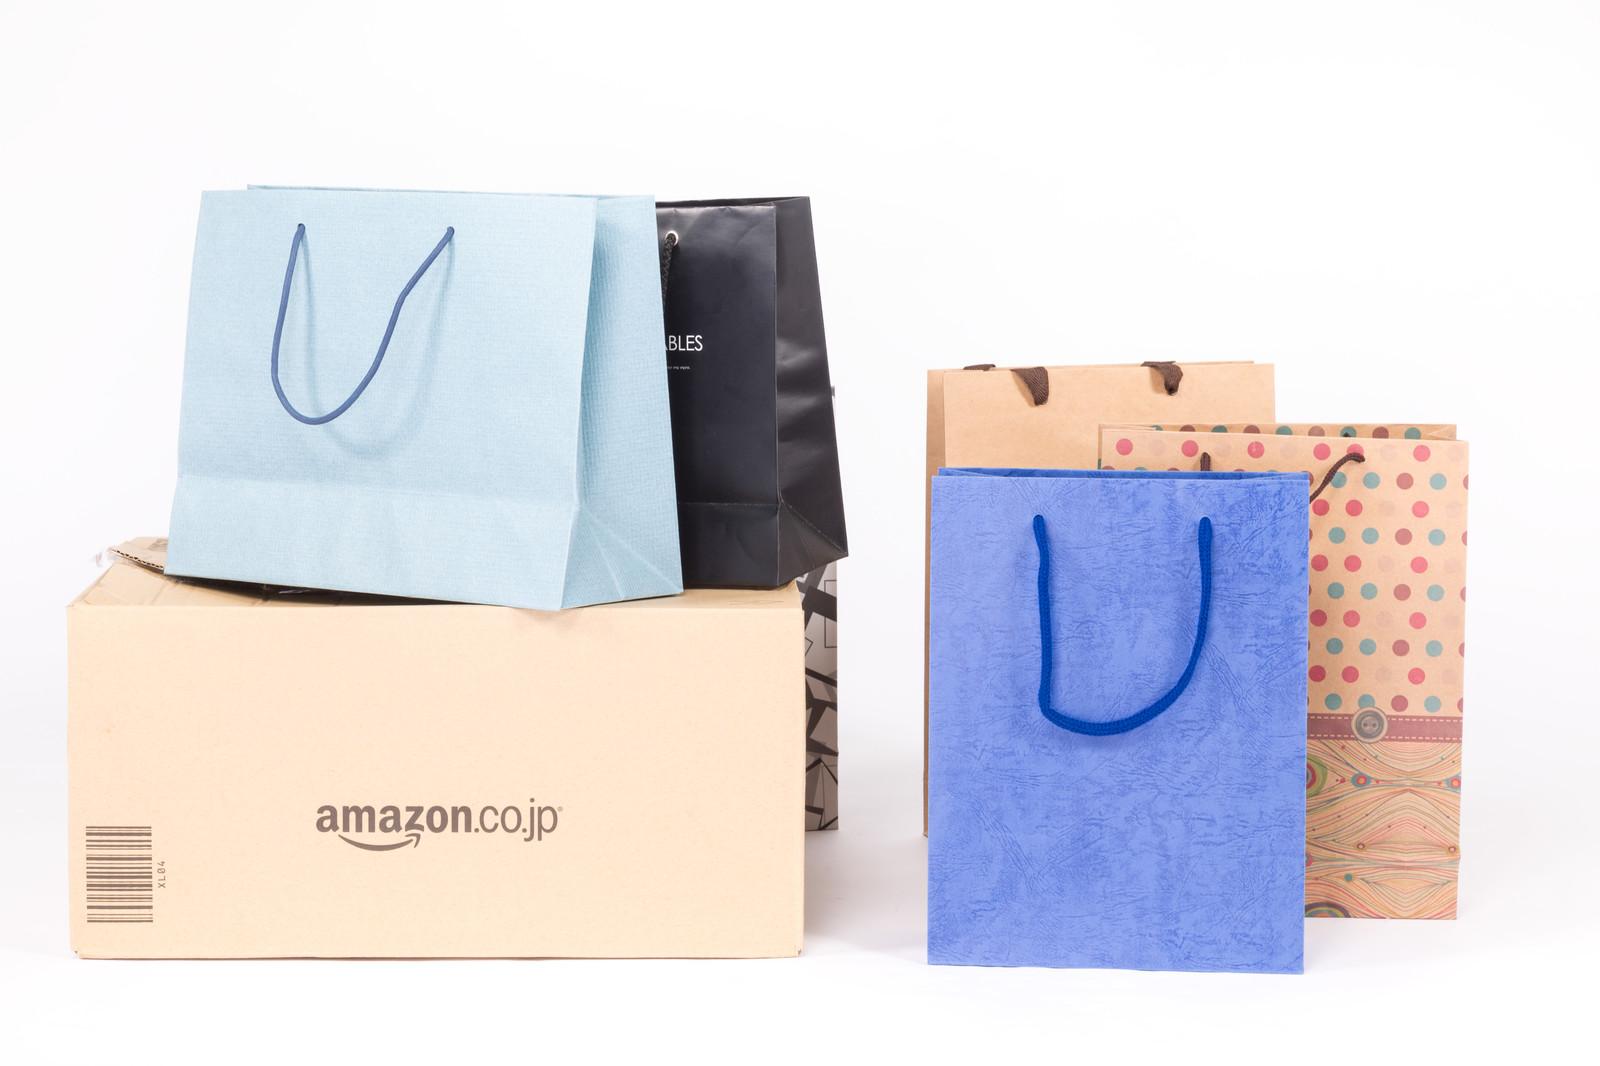 amazonIMGL0450 TP V - 【ニュース】ガジェット福袋買うならこの店で!確実に福袋をゲットできるのはヨドバシ、ビック、ヤマダ、ソフマップのどれ?